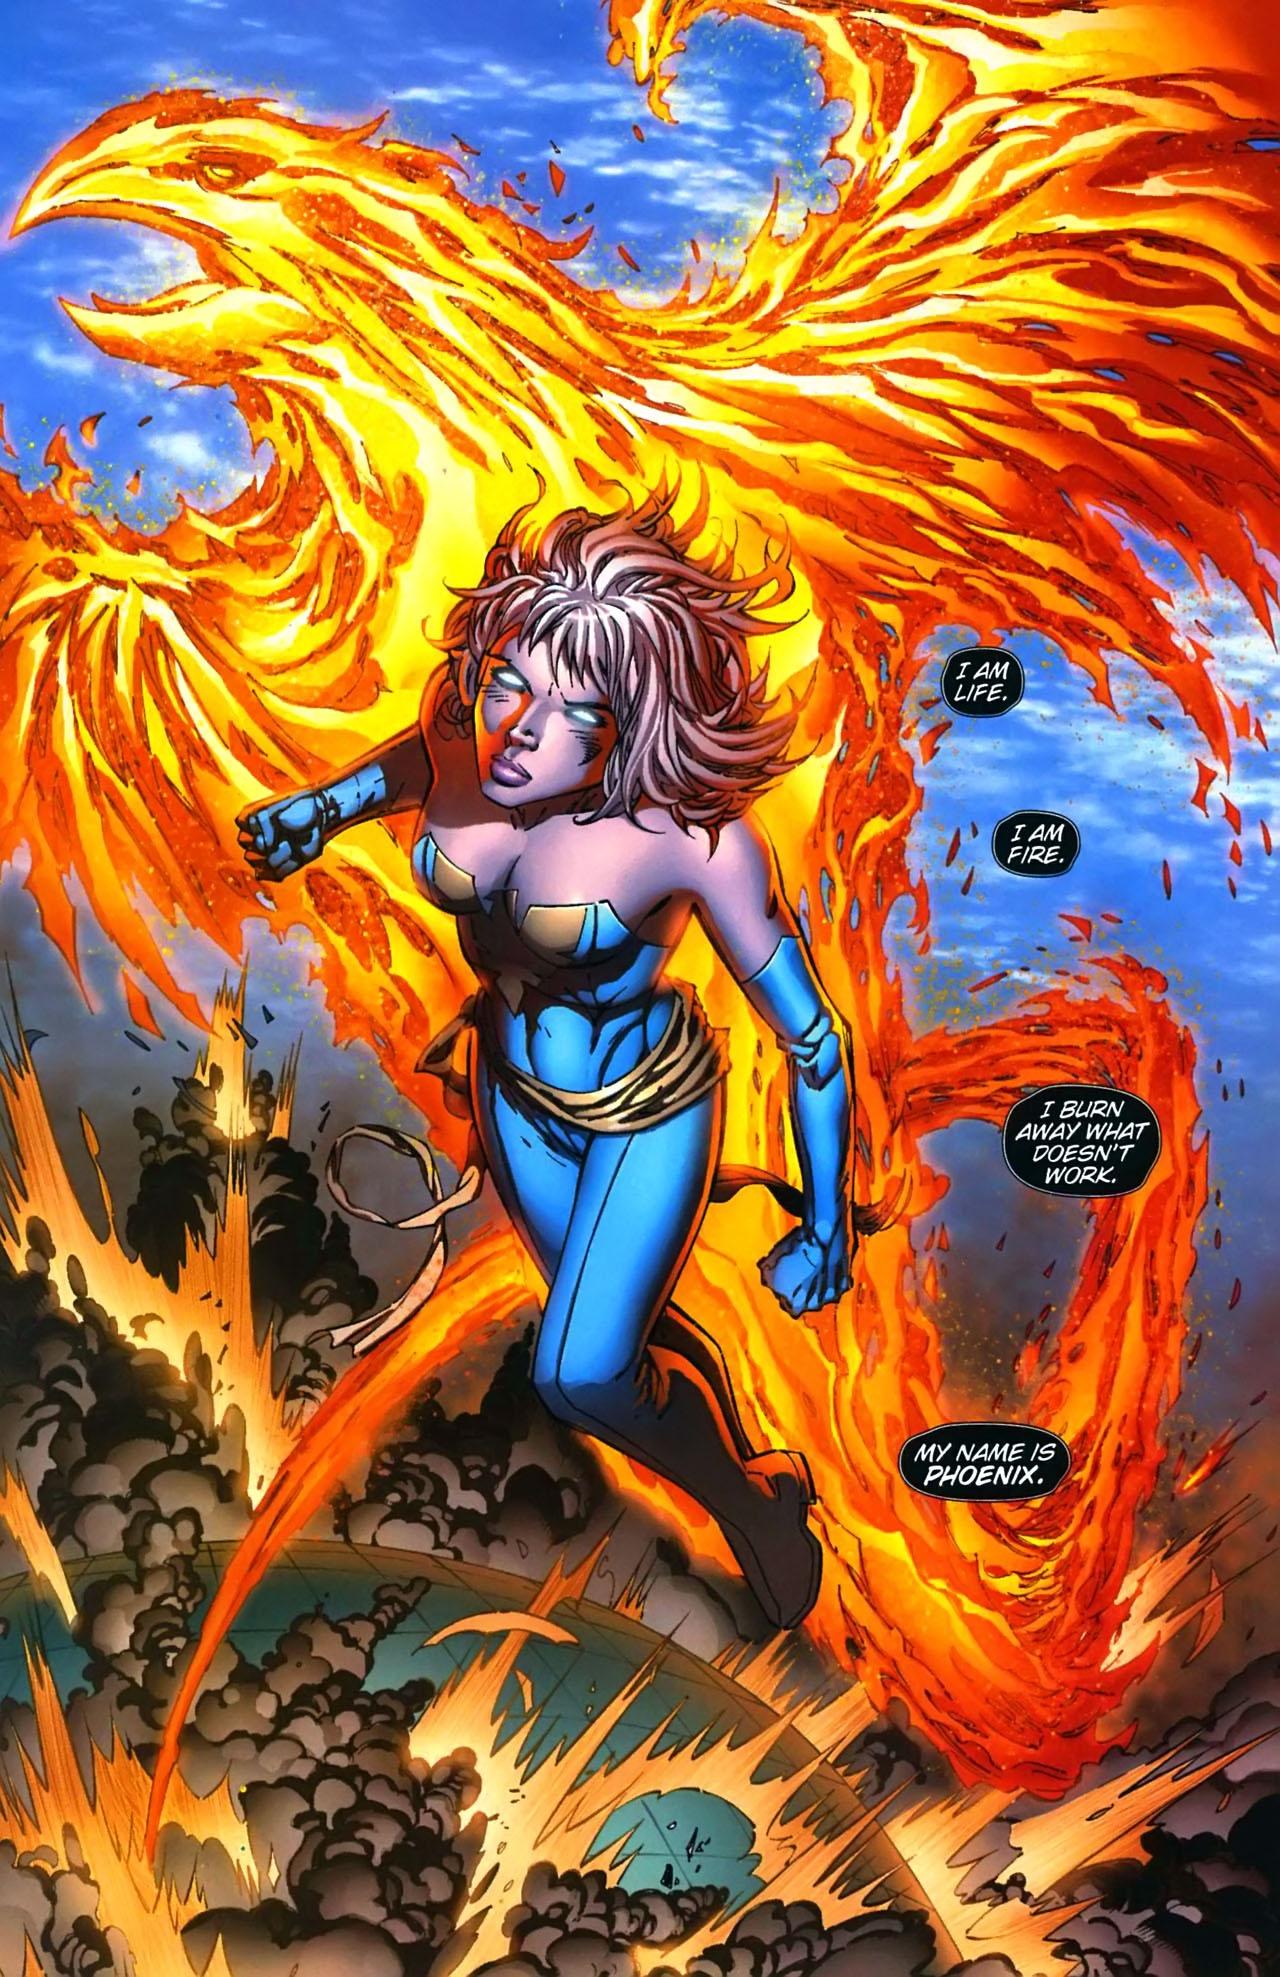 Celeste Cuckoo (Earth-616) from X-Men Phoenix Warsong Vol 1 5 0002.jpg